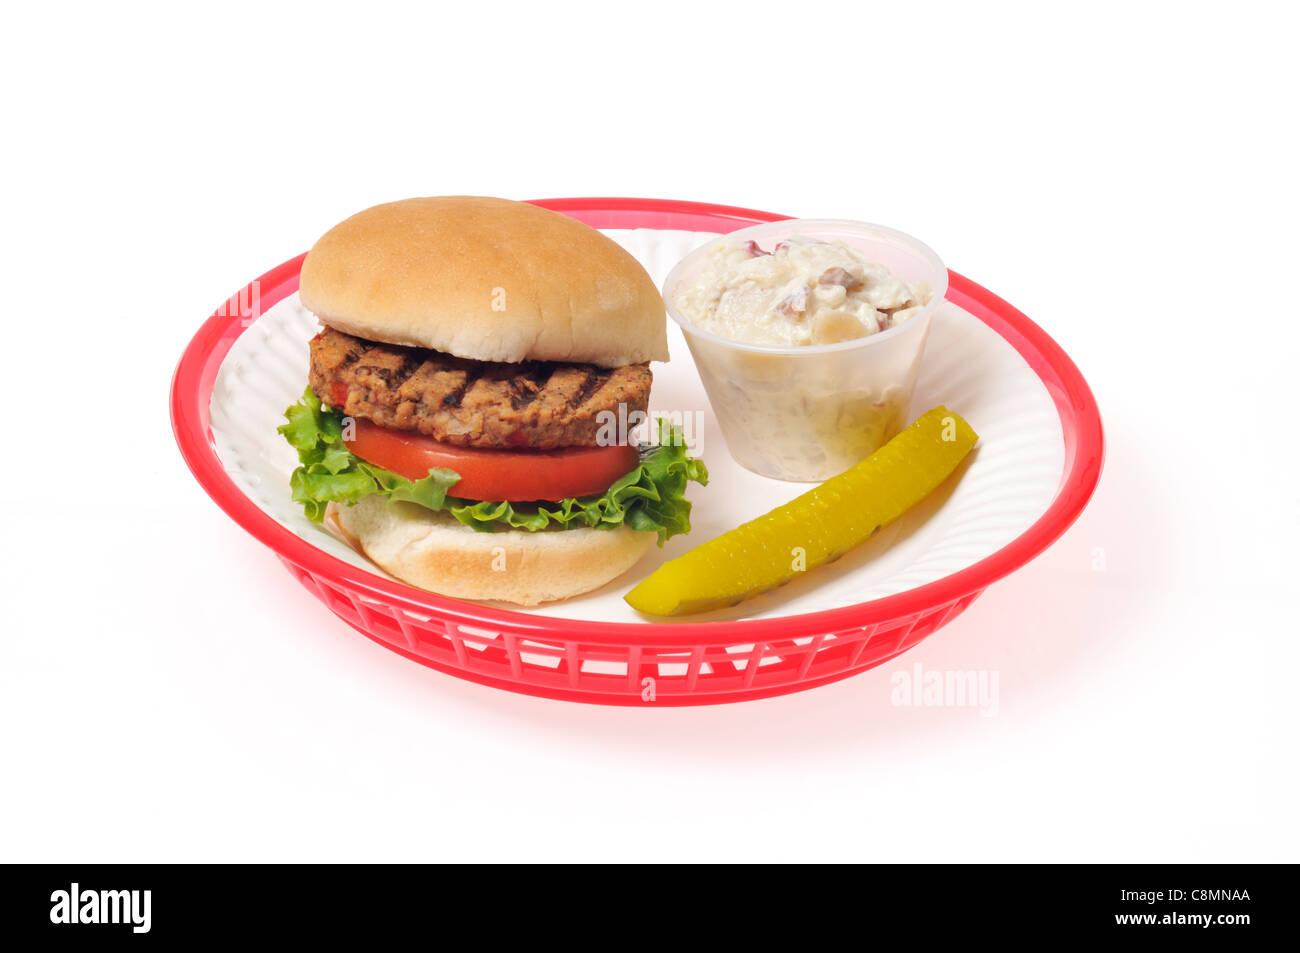 Veggie-Burger mit Salat und Tomate in Brötchen in einem roten Retro-Kunststoff-Korb auf weißem Hintergrund, Stockbild